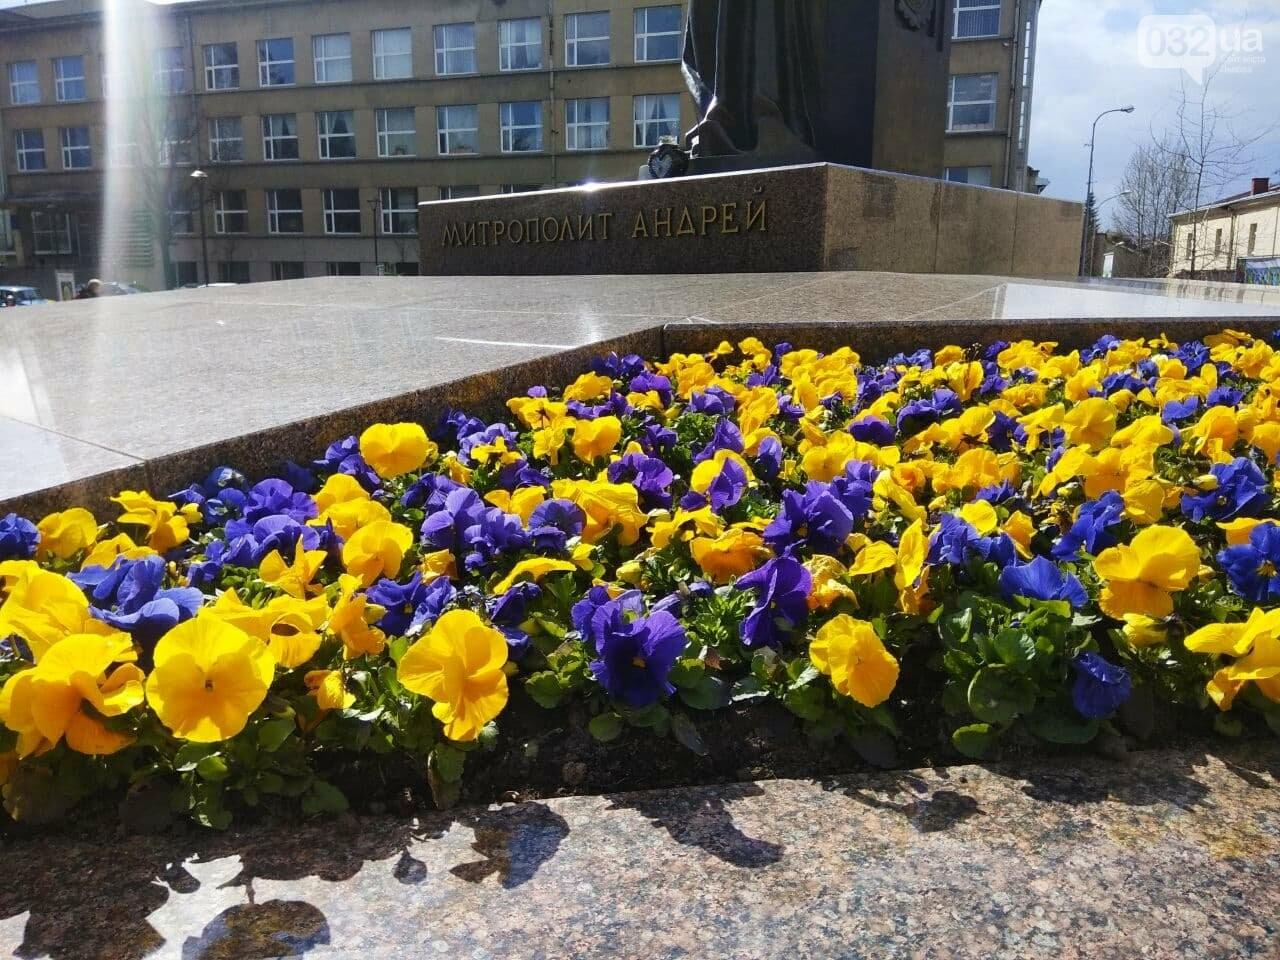 Висадили квіти біля пам'ятника Митрополиту Андрею, Фото: 032.ua